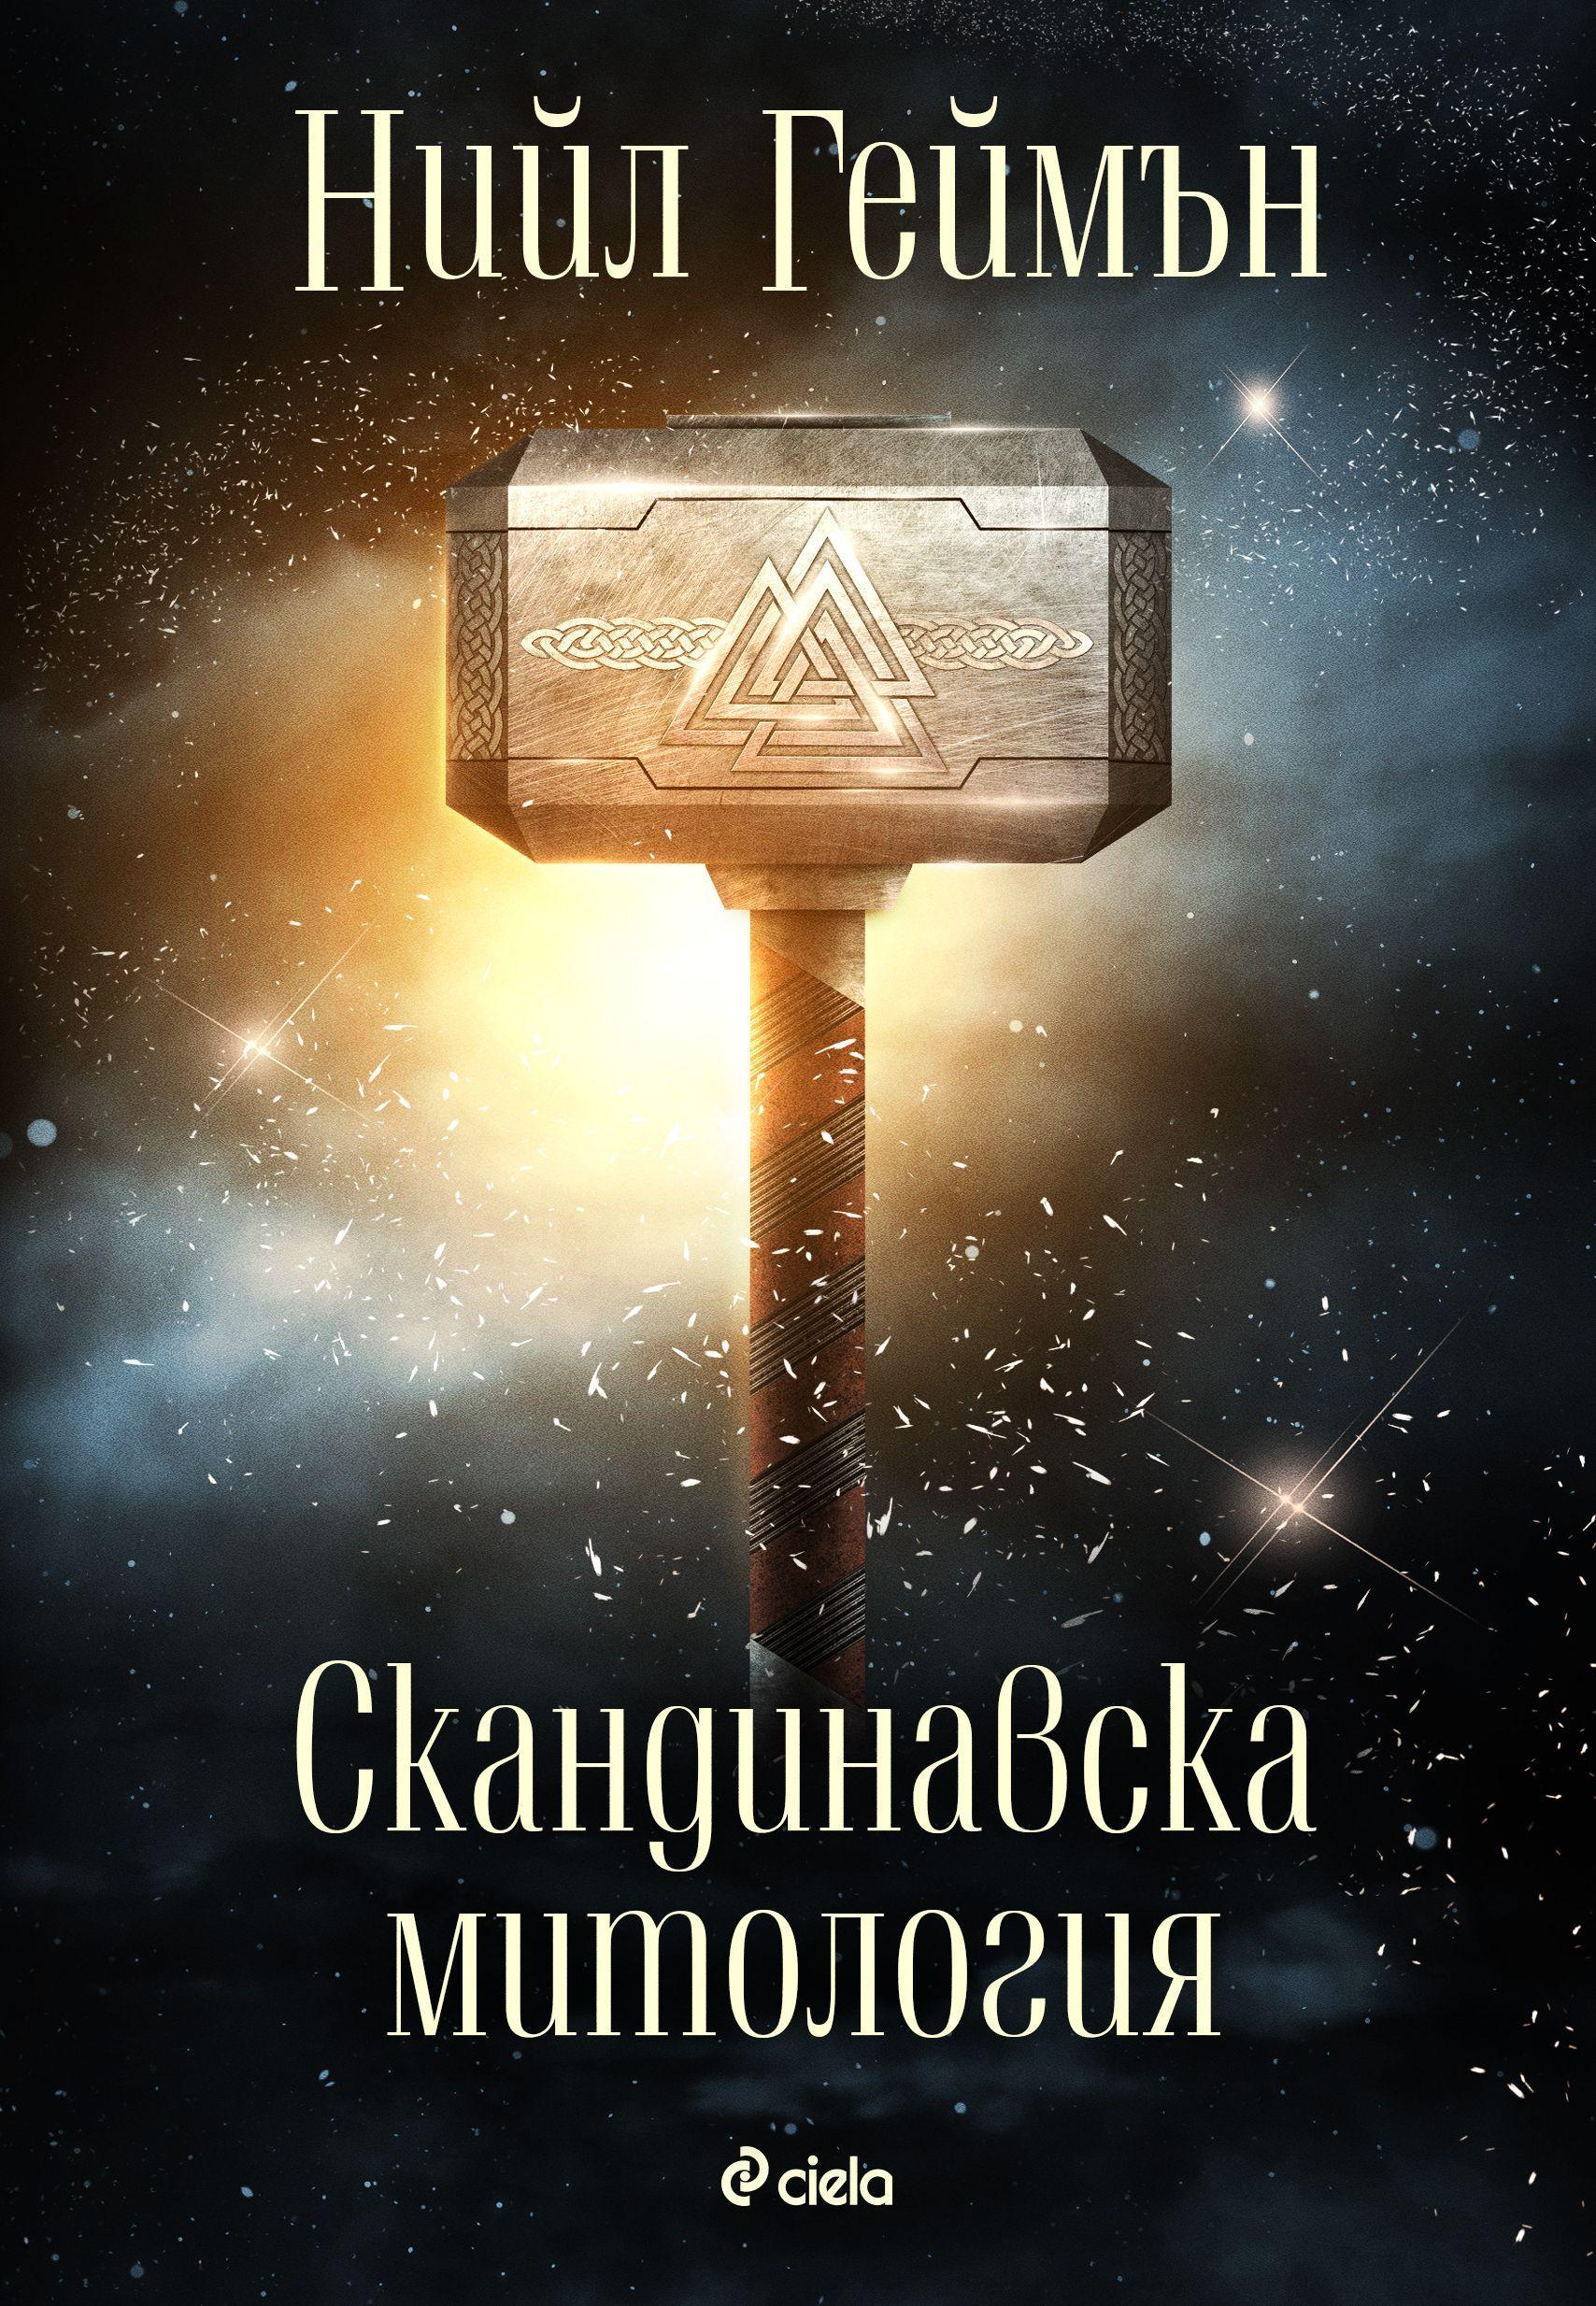 Скандинавска митология - 1